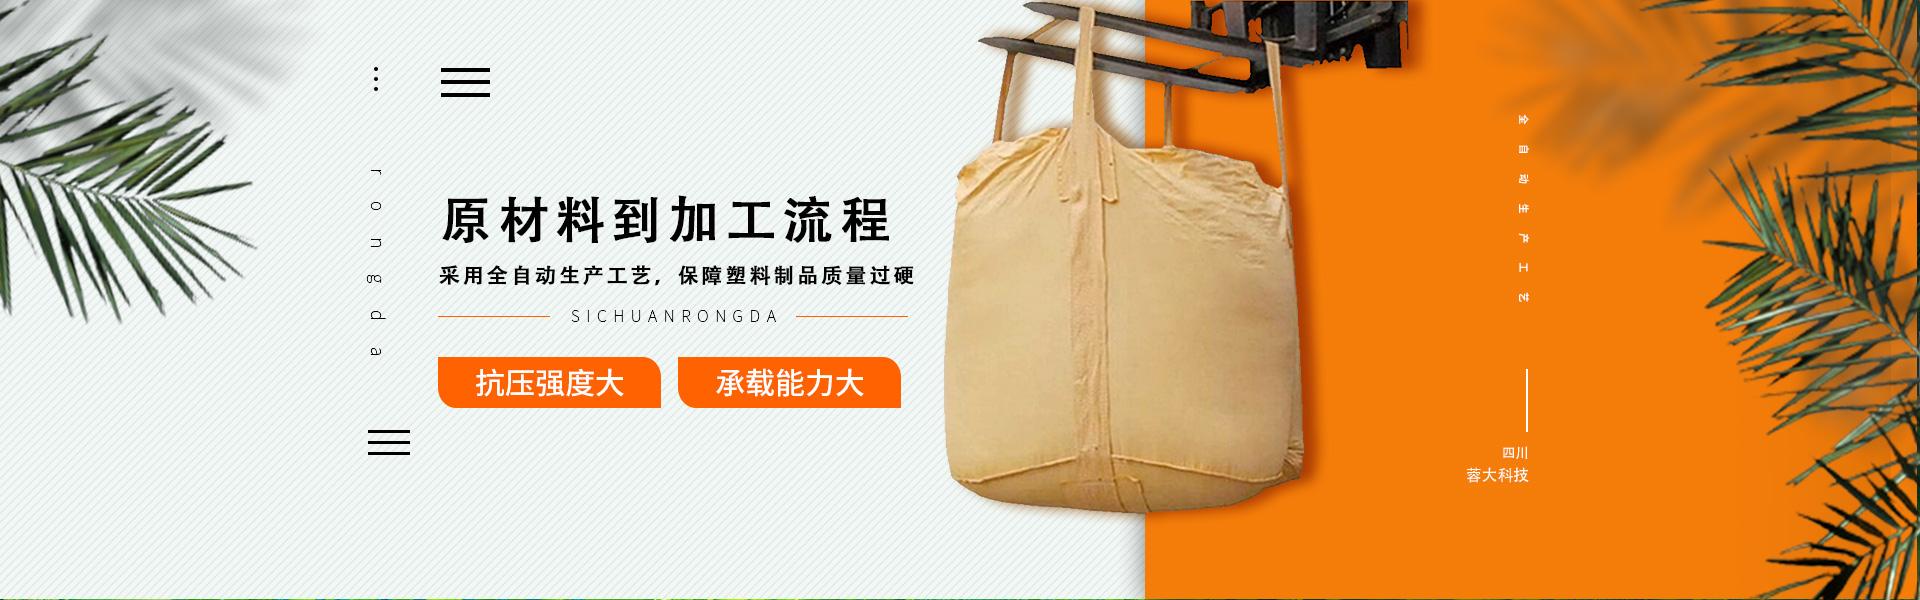 四川集裝袋